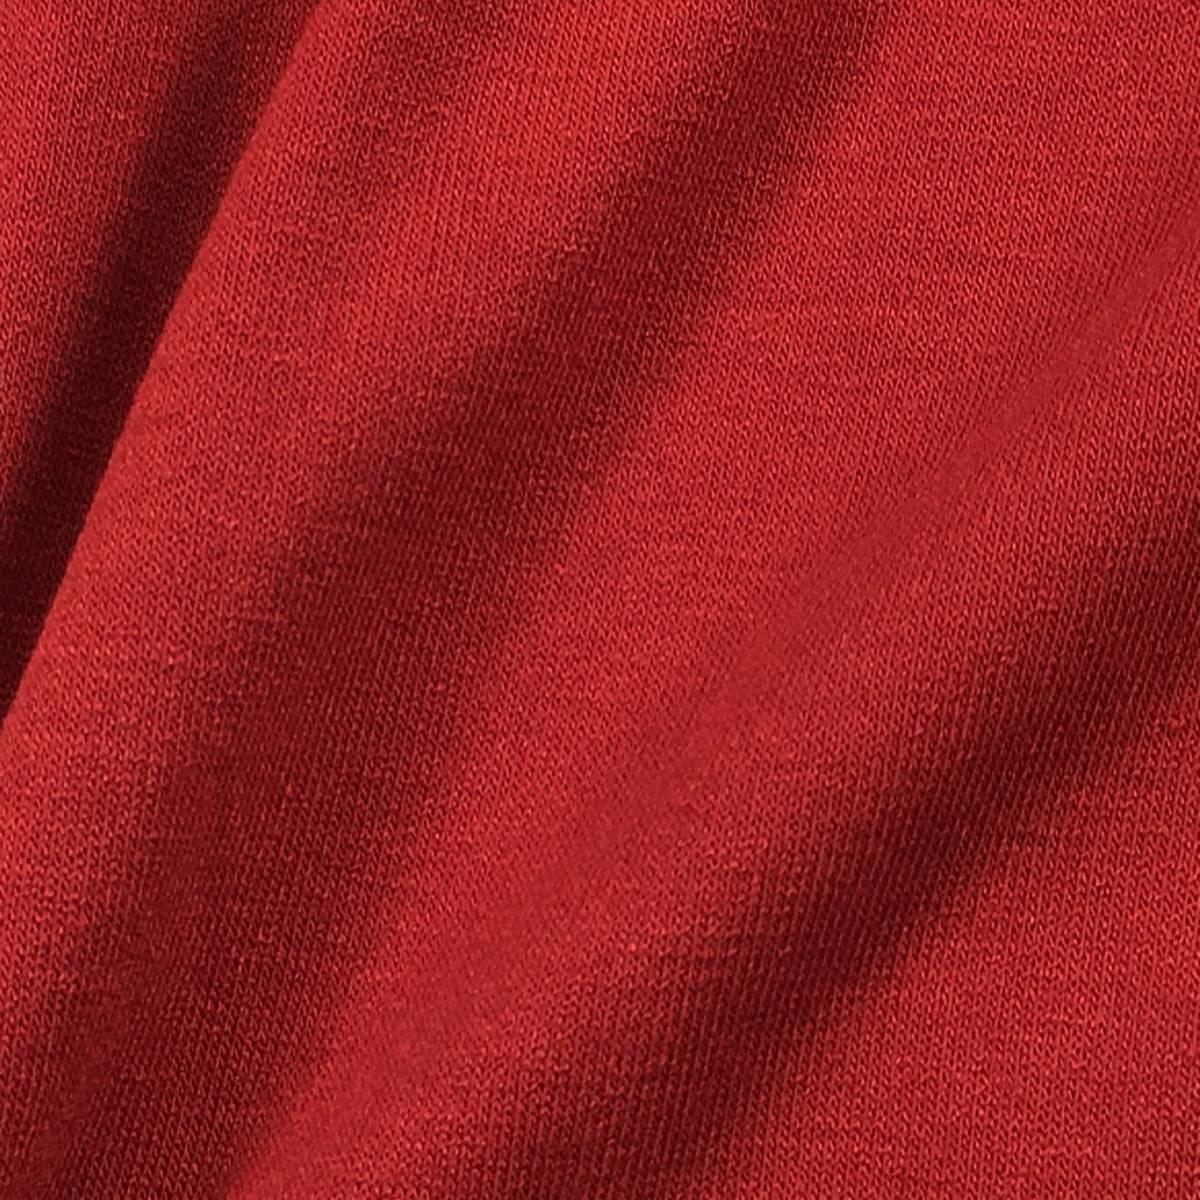 新品/オールシーズン使える◎【23区GOLF・23区ゴルフ】極ストレッチ素材◎ハイネック/長袖カットソー・シャツ 深みレッド(赤)LL メンズ k13_画像3